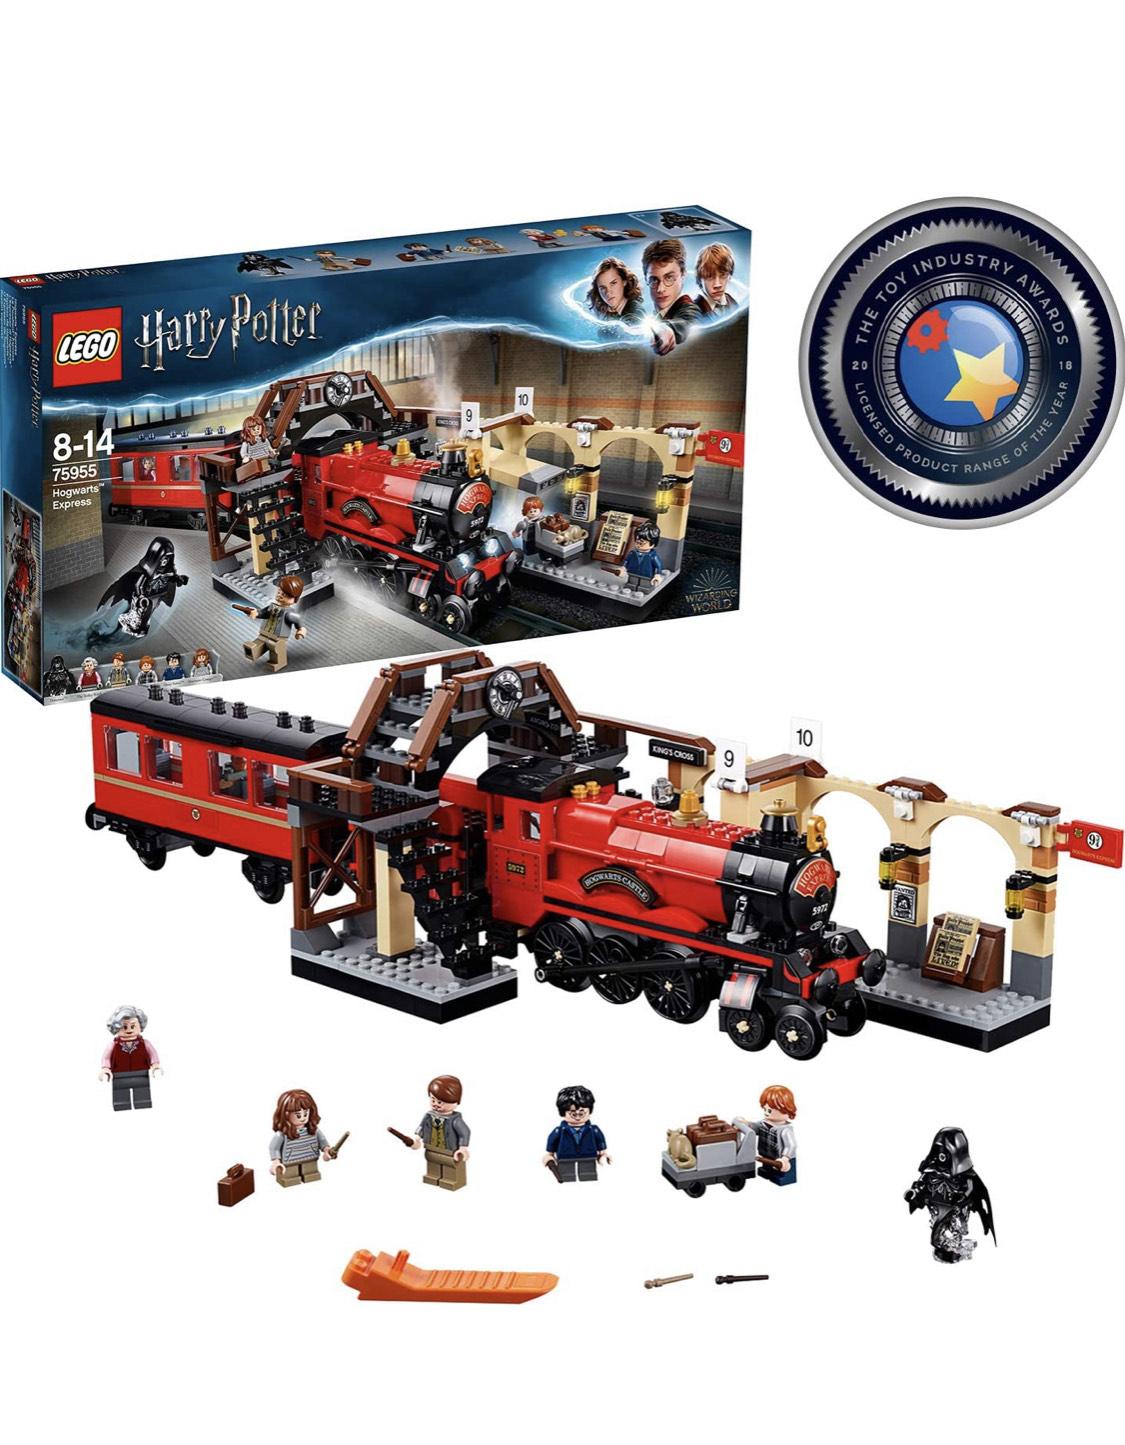 Lego Hogwarts Express 75955 bei Amazon.fr